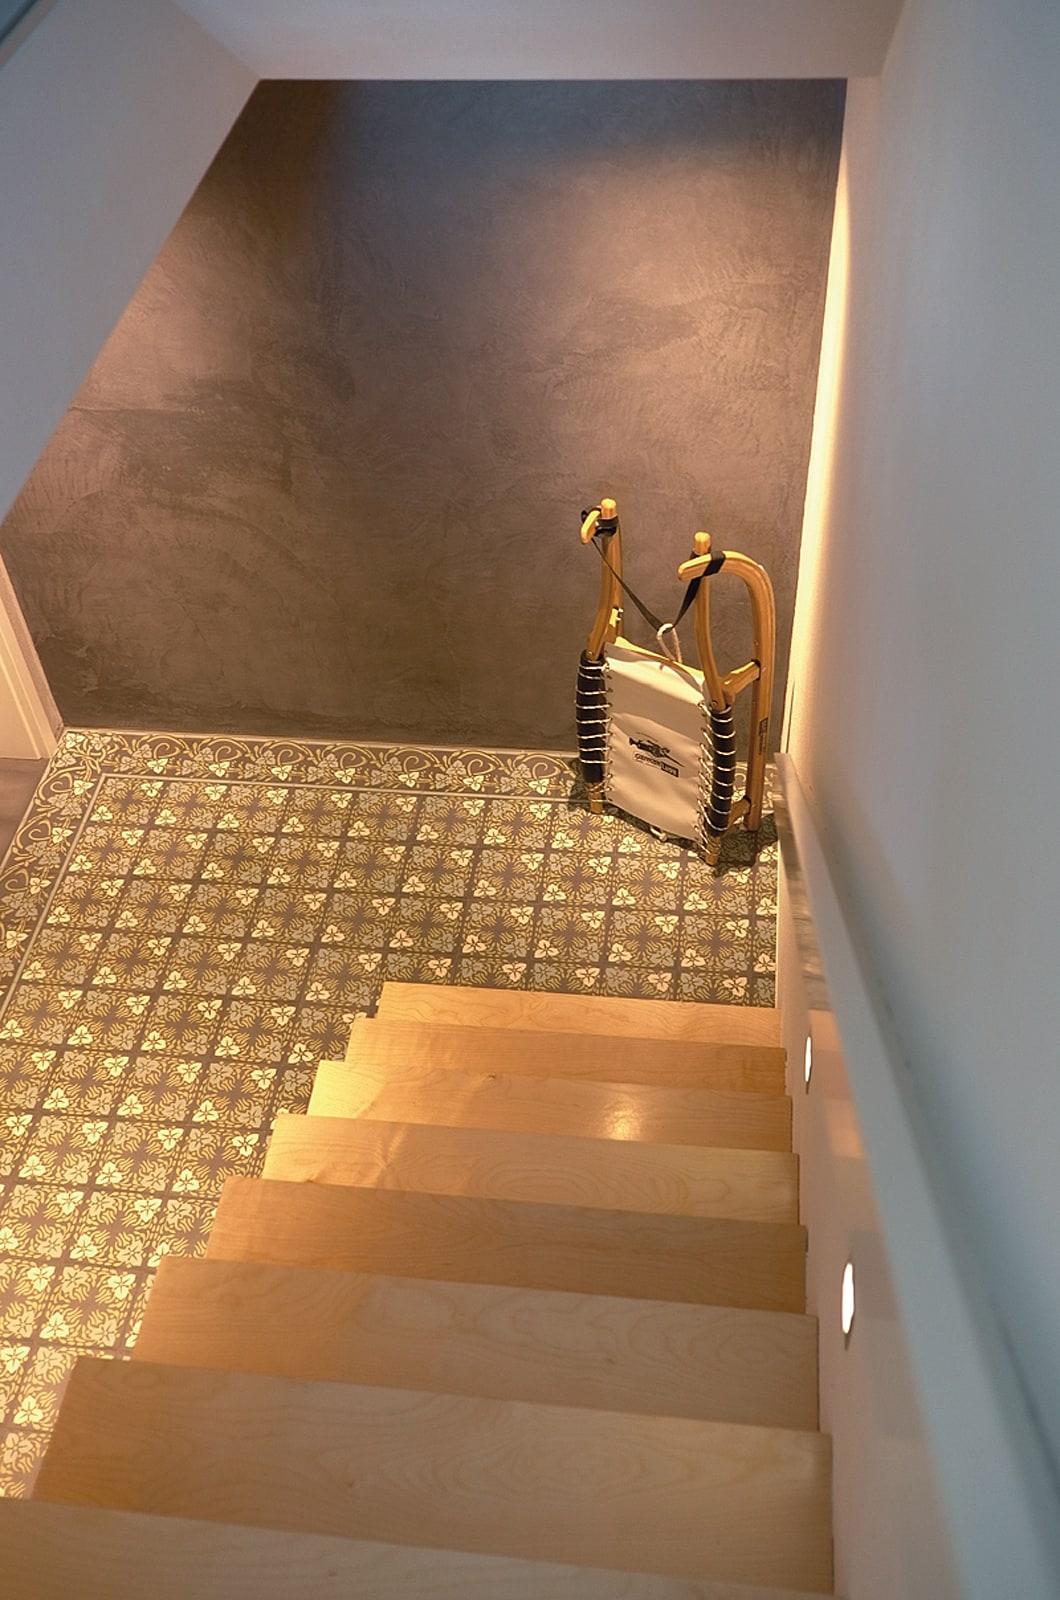 Exemple En Image Carreaux De Ciment En Optique 3D Et Un ... serapportantà Optique De Carreaux De Ciment